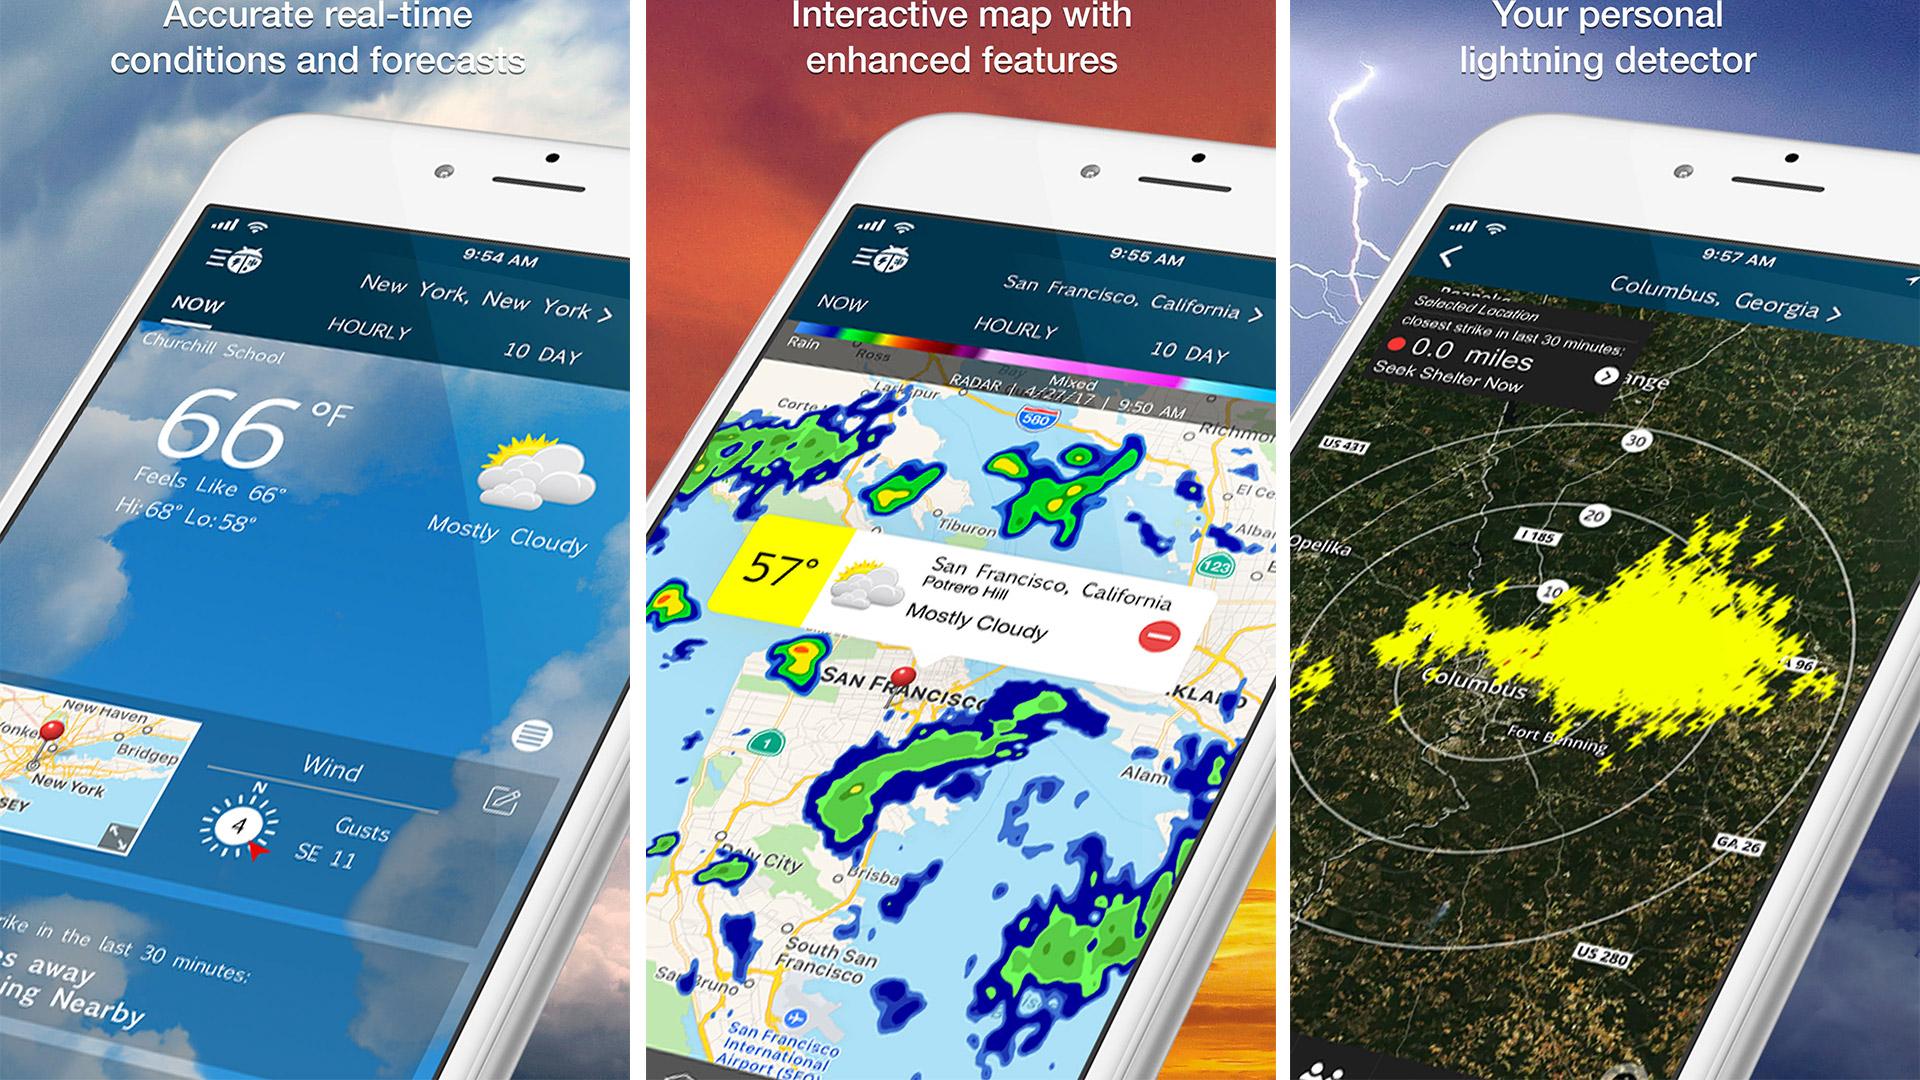 Las mejores aplicaciones meteorológicas para iPhone de 2019 que se mantendrán actualizadas con pronósticos hiper-locales